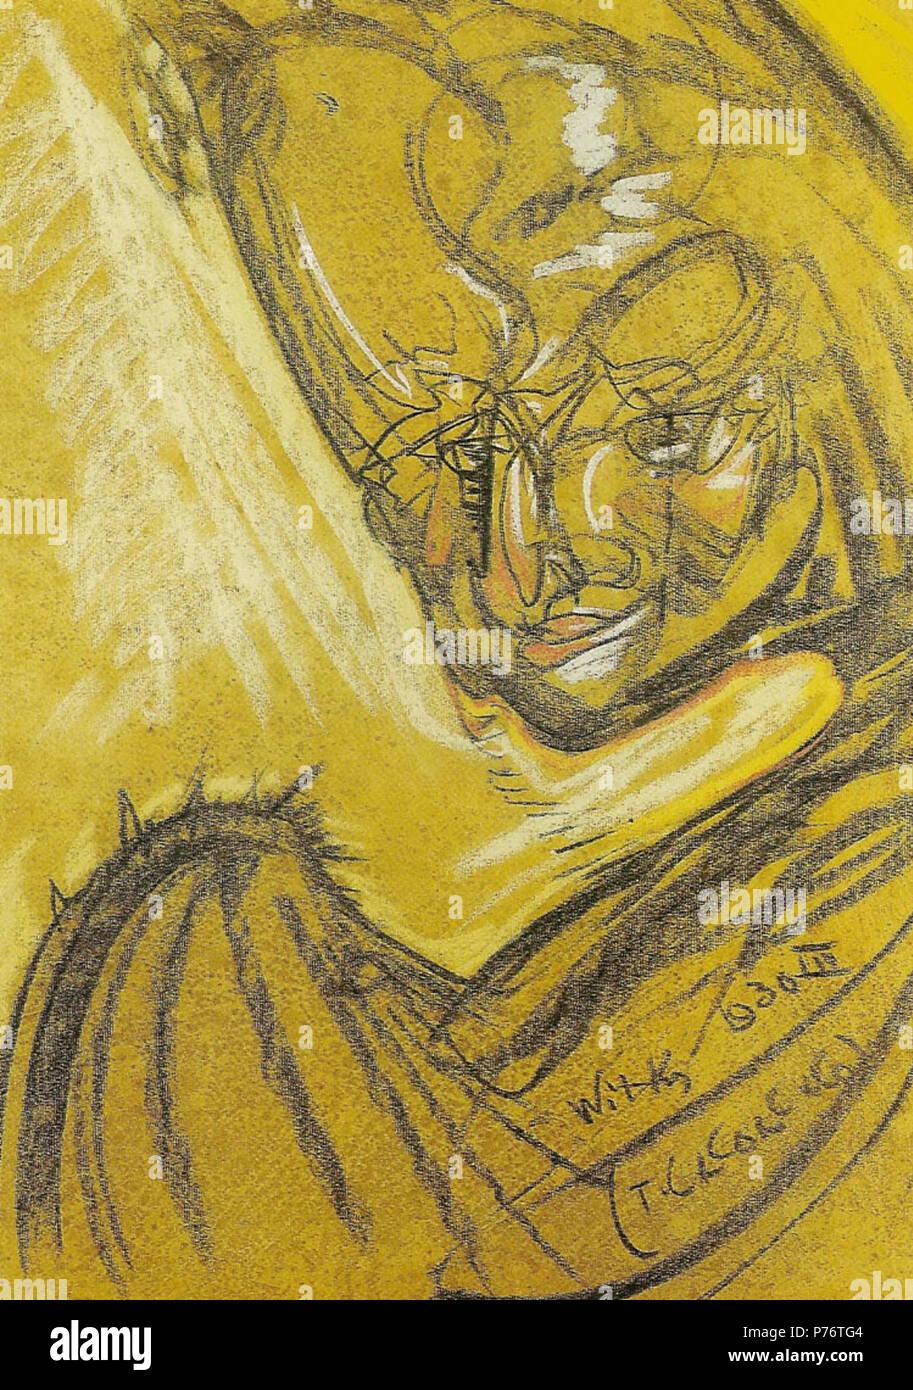 """Polski: """"Portret Artura Schroedera', Pastell na papierze, 63 x 48 cm, Muzeum Pomorza rodkowego, Supsk. März 1930 3 Artura Witkacy-Portret Schroedera Stockfoto"""